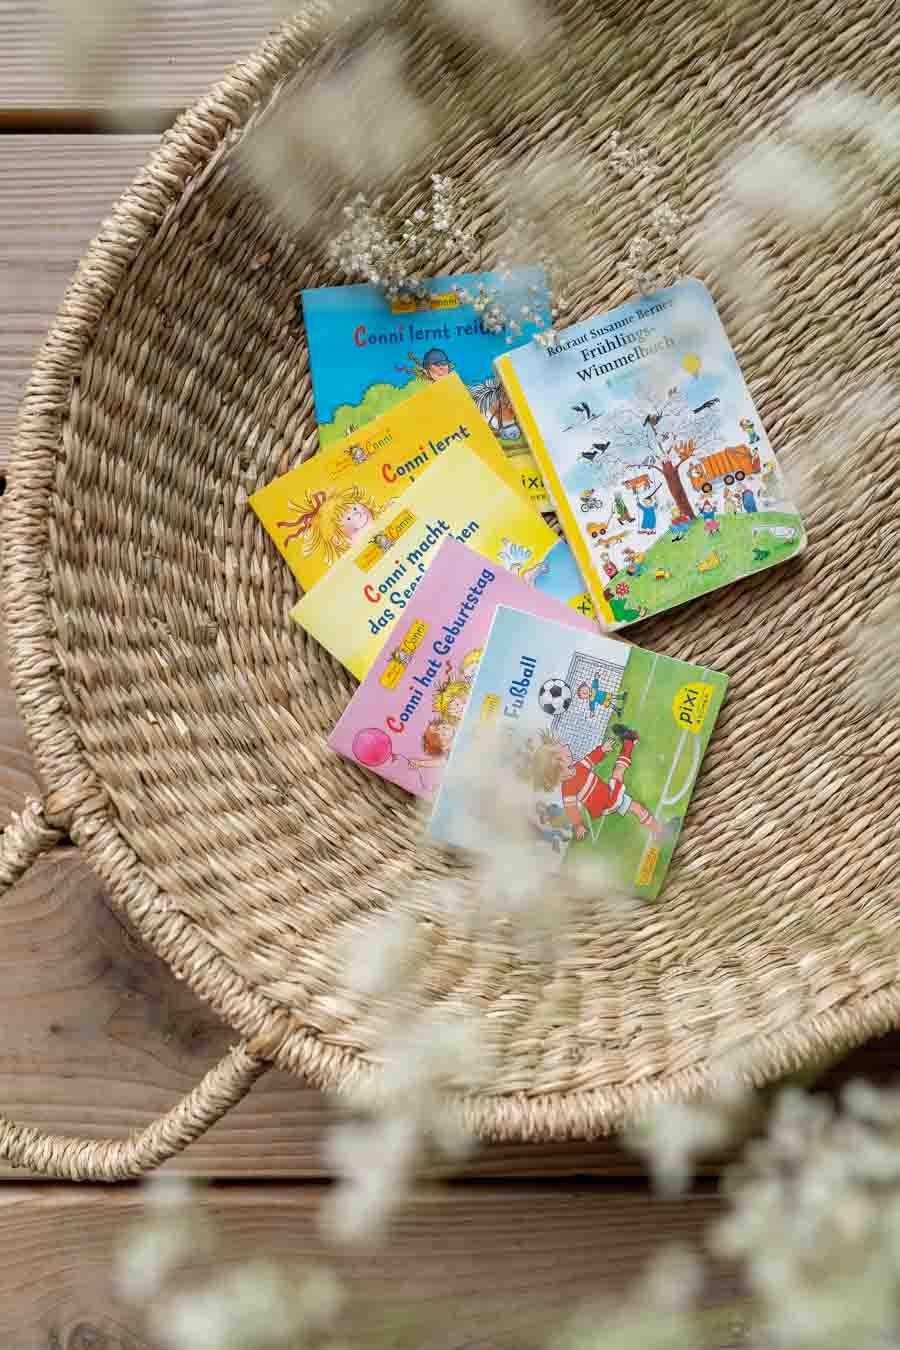 Kleine Pixibücher: Wir liefern 10 Ideen, um lange Reisen mit Kind (im Zug oder Auto) mit Freude zu überstehen. Spiele ohne Material, Lieder (Spotifylisten), erprobte Hörbücher & Apps, sowie (Sticker-)bücher und Spielideen die wenig Platz im Koffer brauchen. Beschäftigung und Spiele für Unterwegs. Für Kleinkinder und Eltern die Urlaub mit Kind #spielideen #reisen #nachhaltigreisen